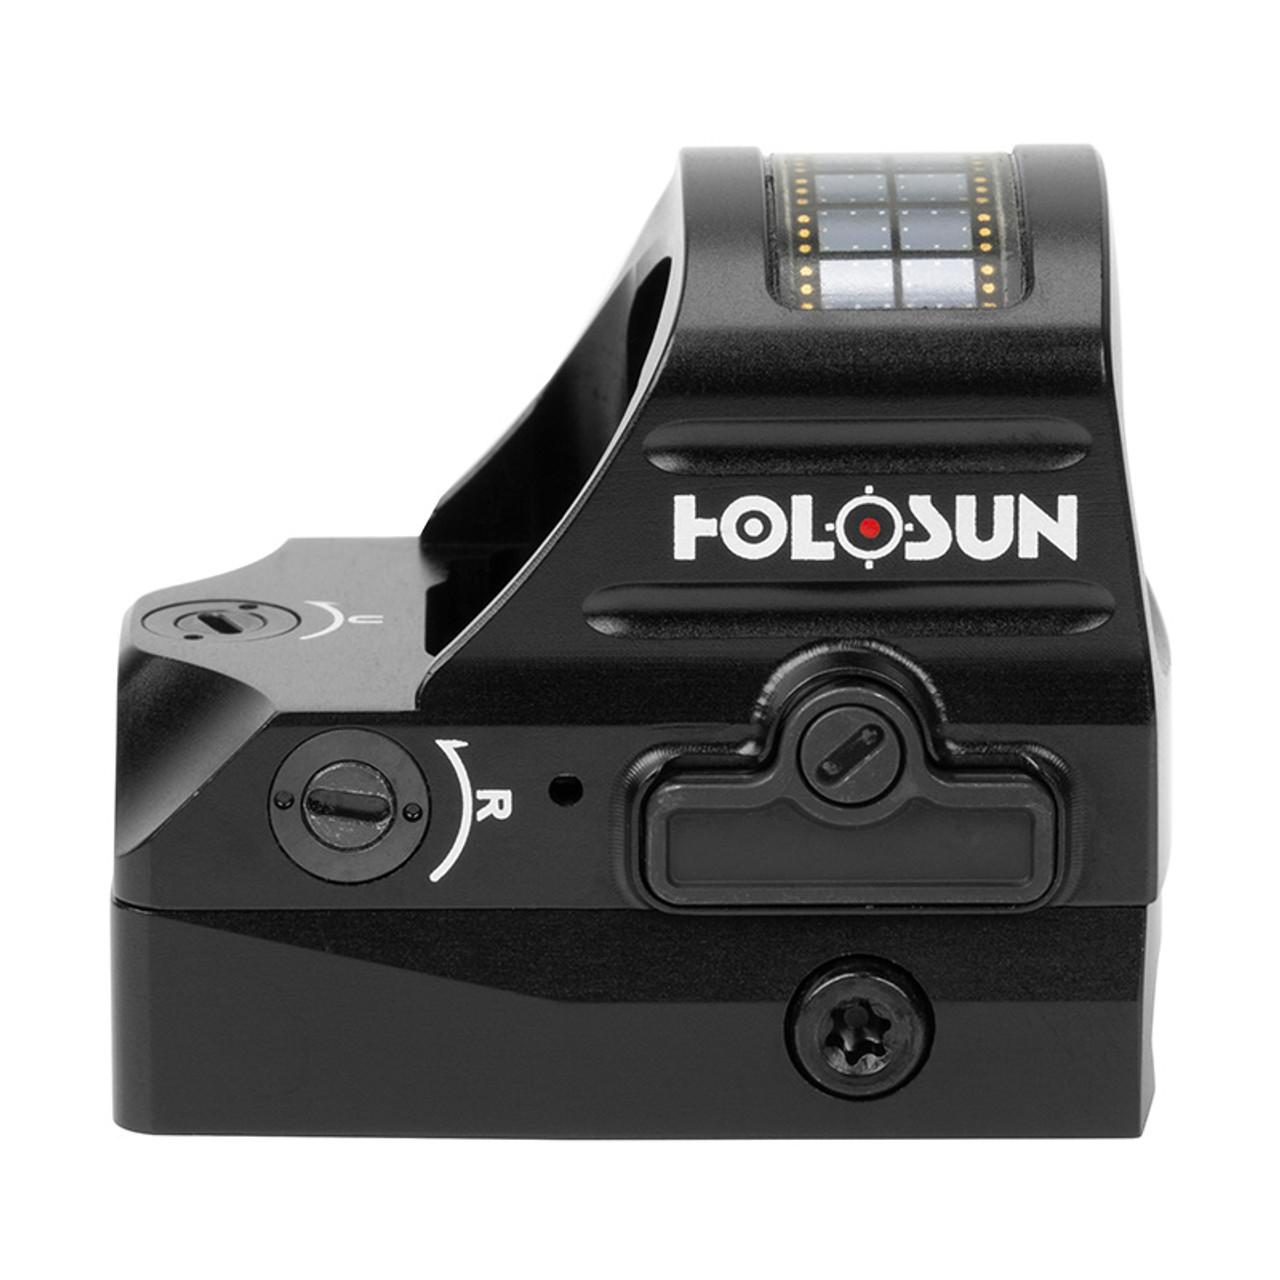 HOLOSUN HS507c V2 Red Dot Pistol Optic